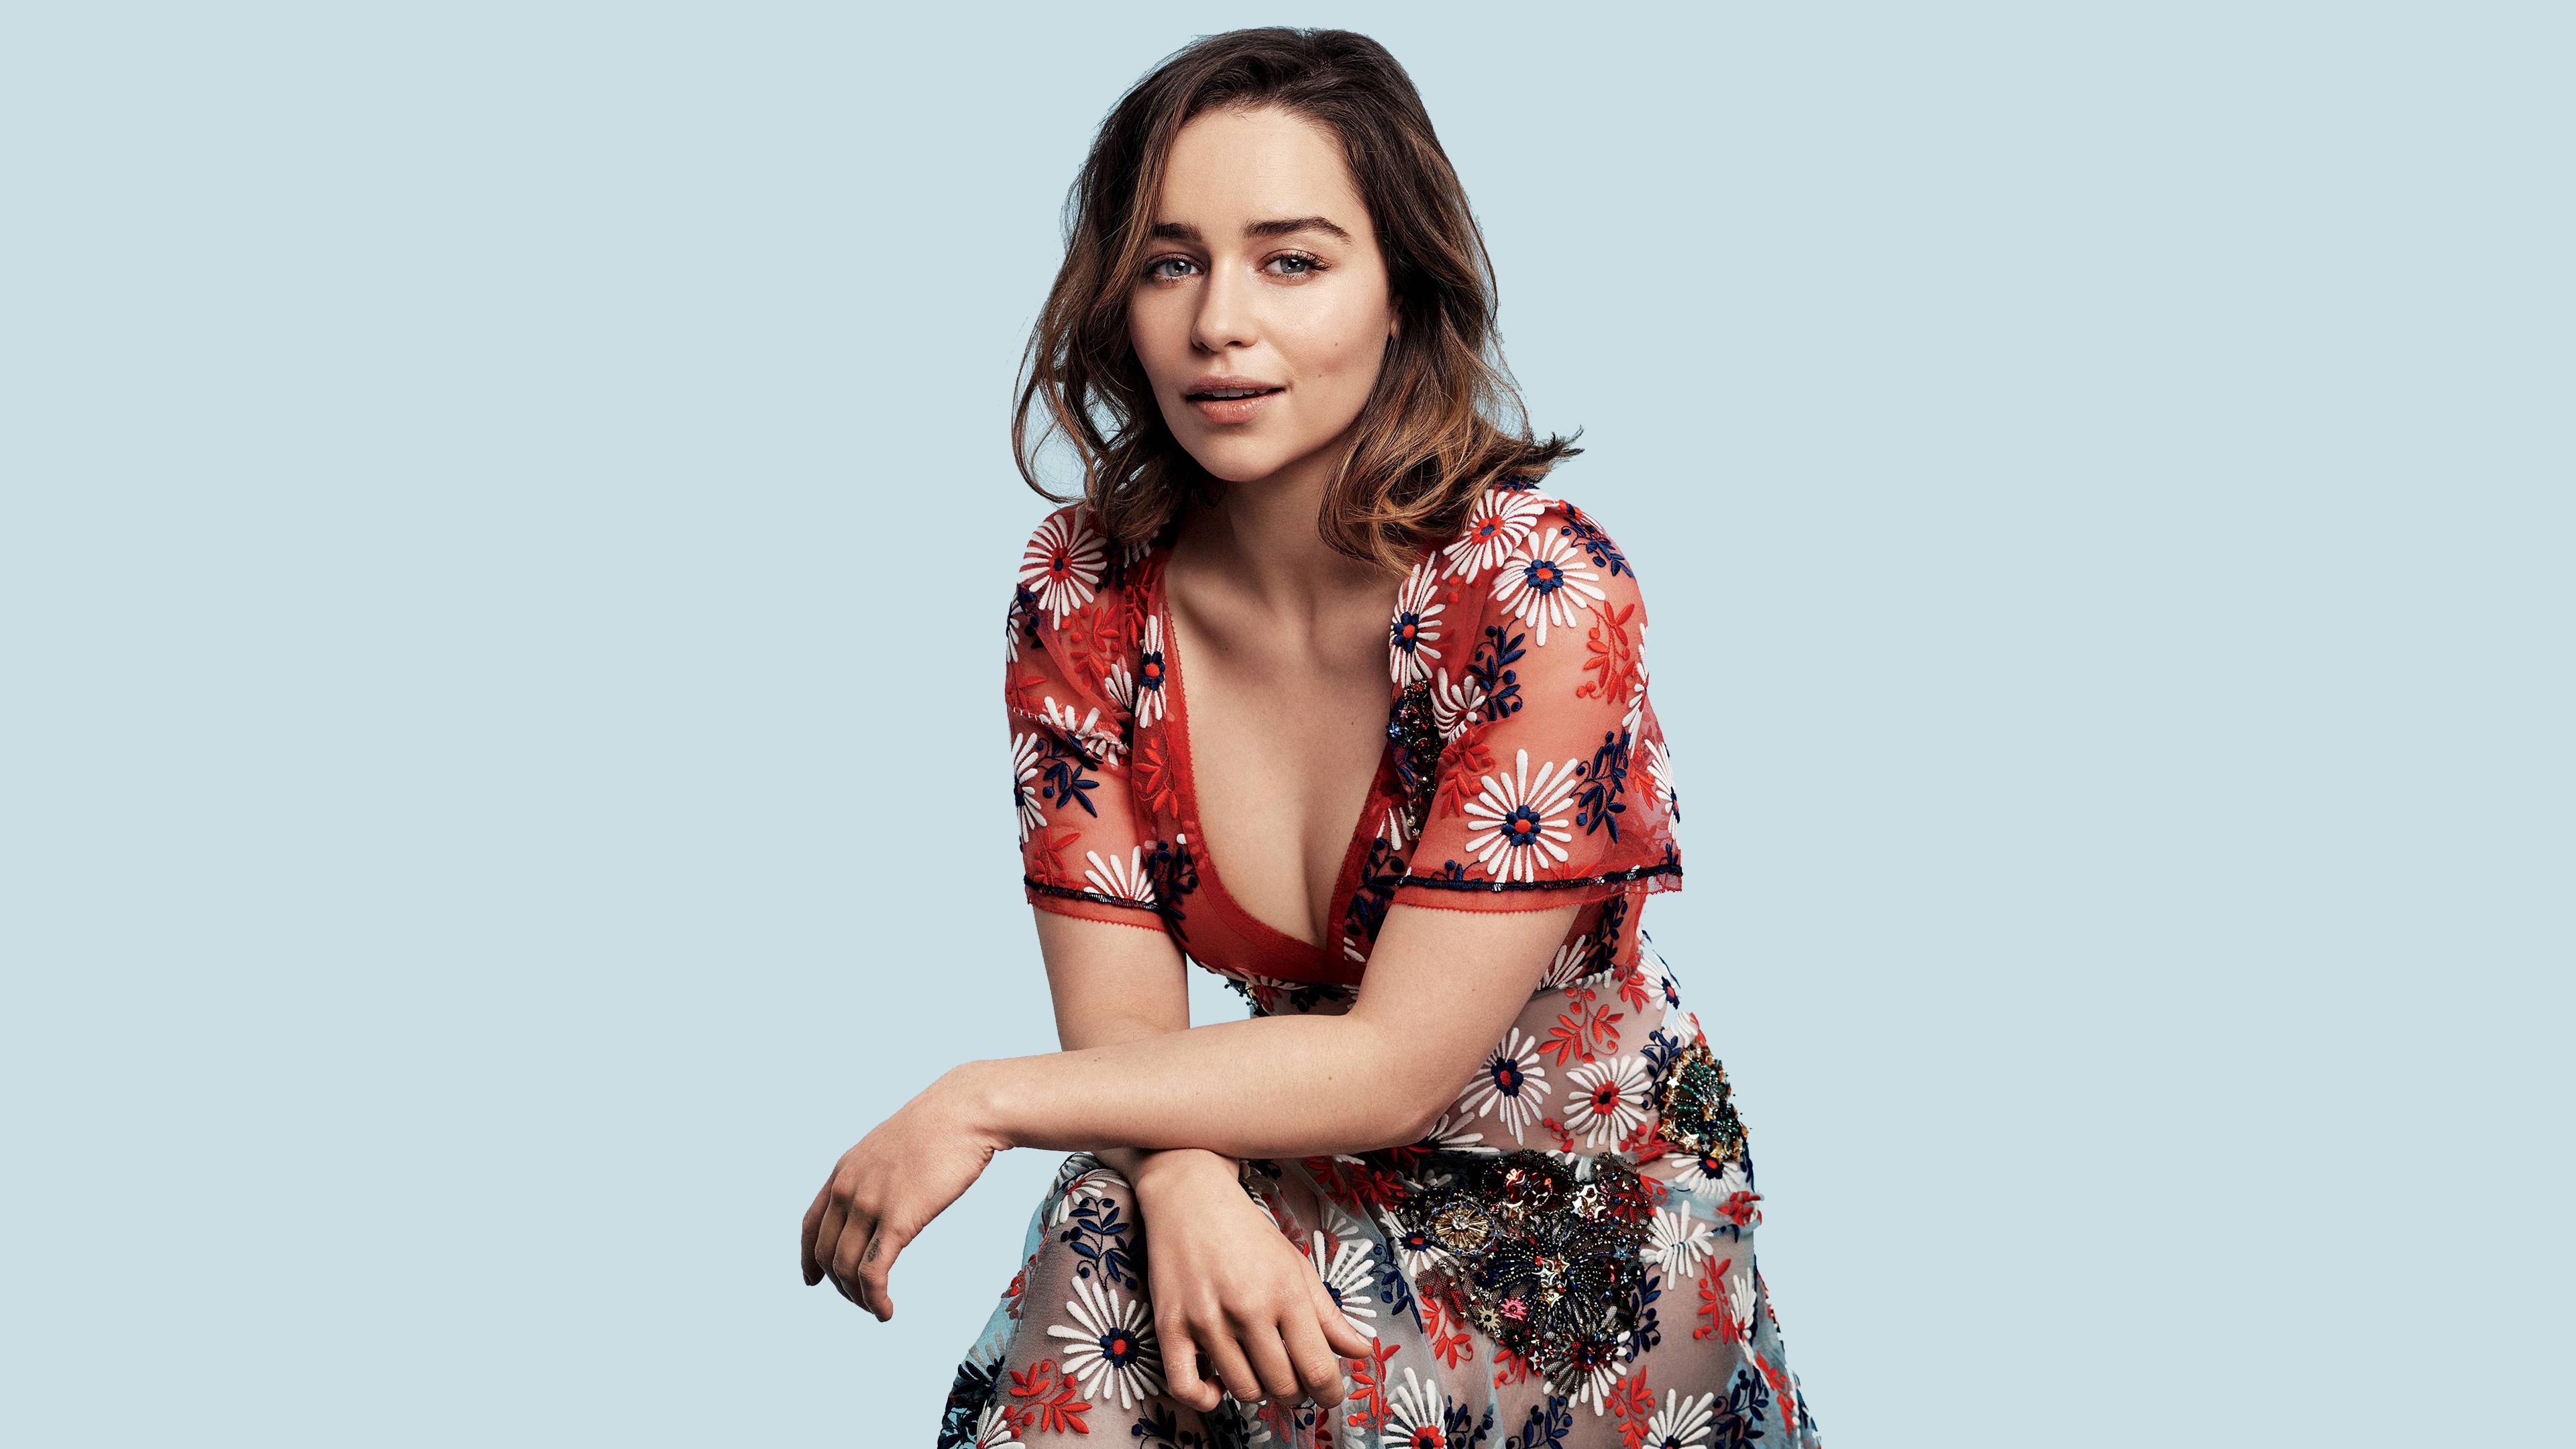 Emilia Clarke 4k Ultra Fondo De Pantalla Hd Fondo De